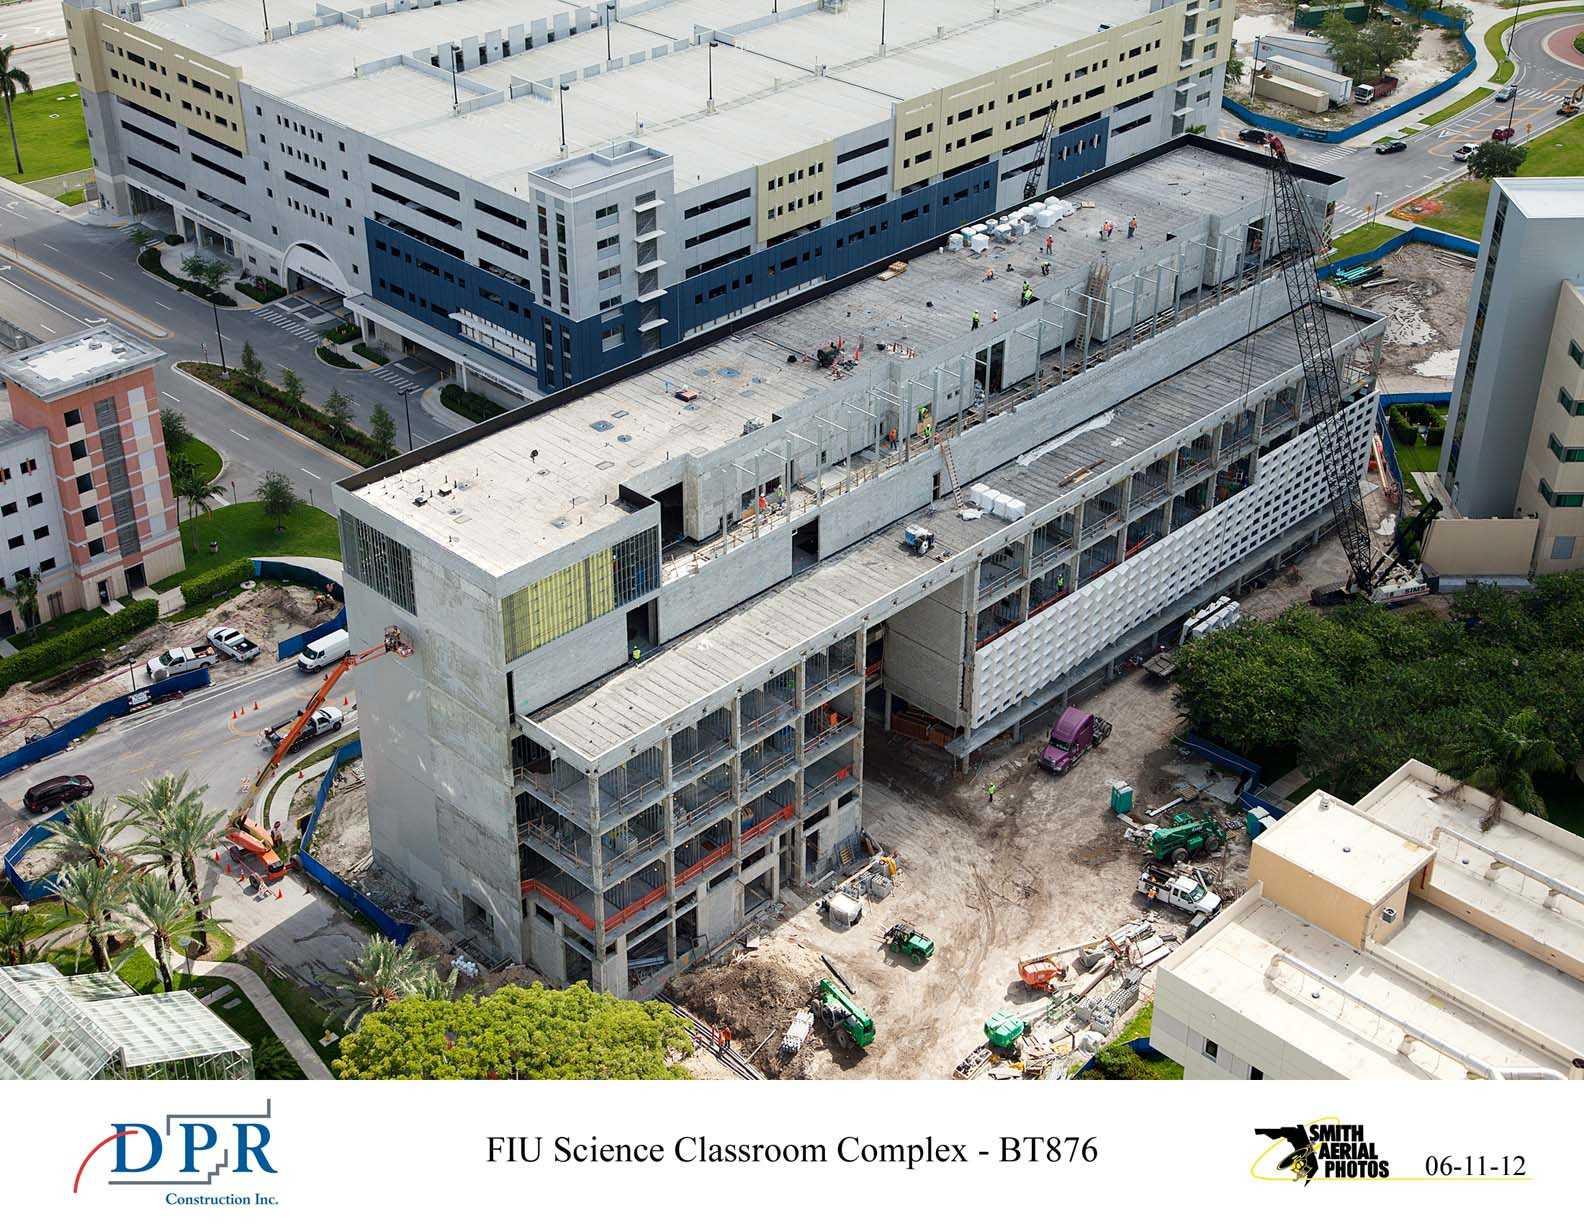 FIU Facilities Management